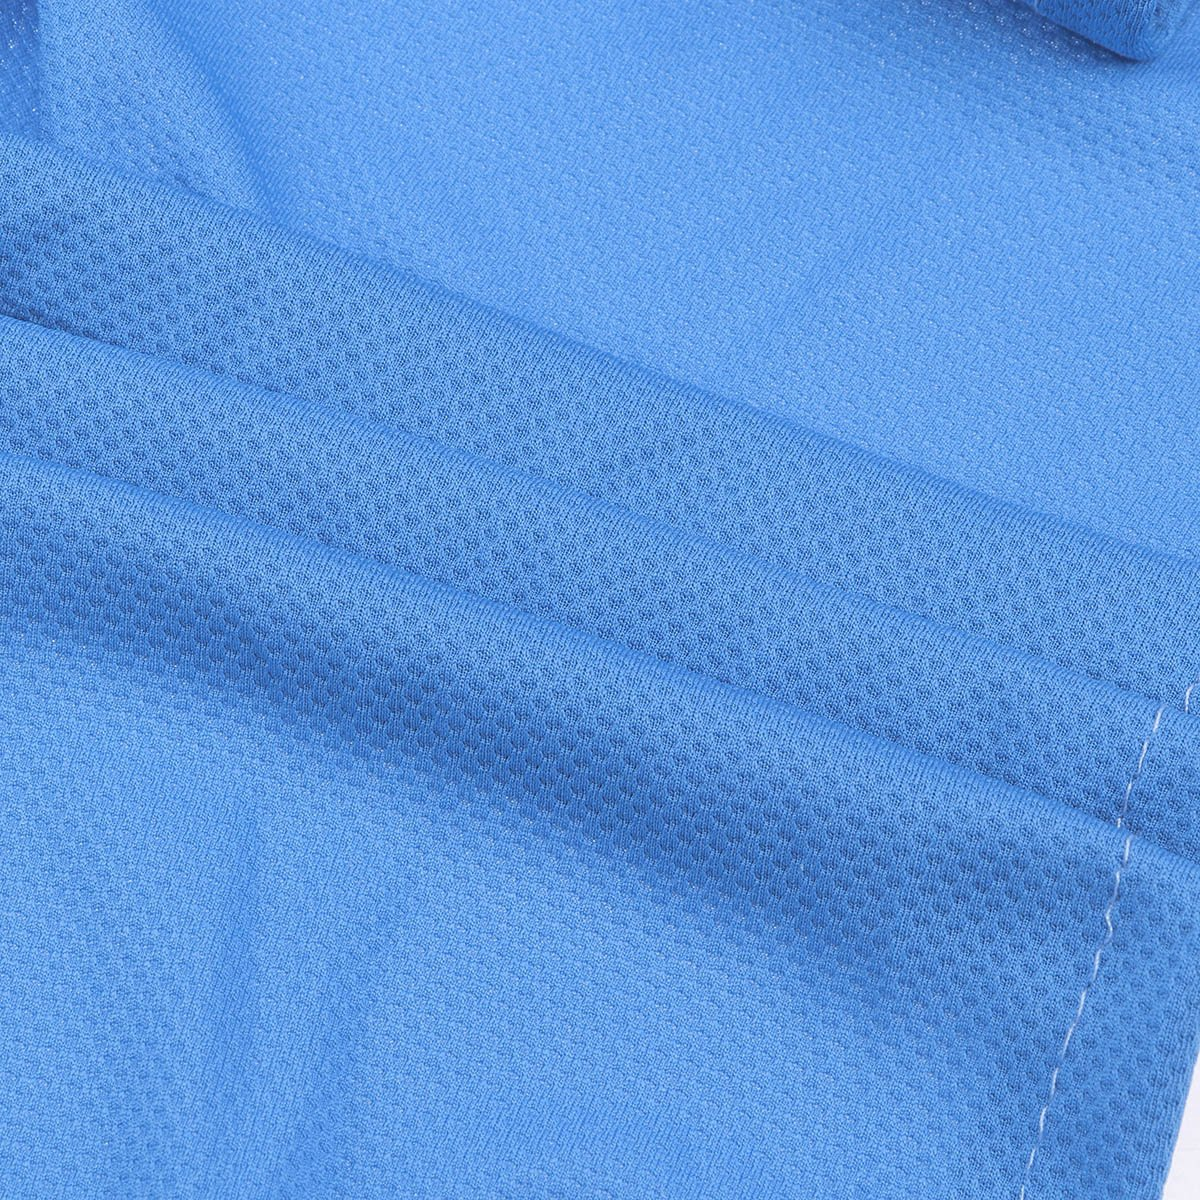 Fodera in Spugna Lettino per Telo da Spiaggia con Tasche Laterali Blu BESTOMZ/ /Sedia a Sdraio Cuscino Sdraio da Giardino